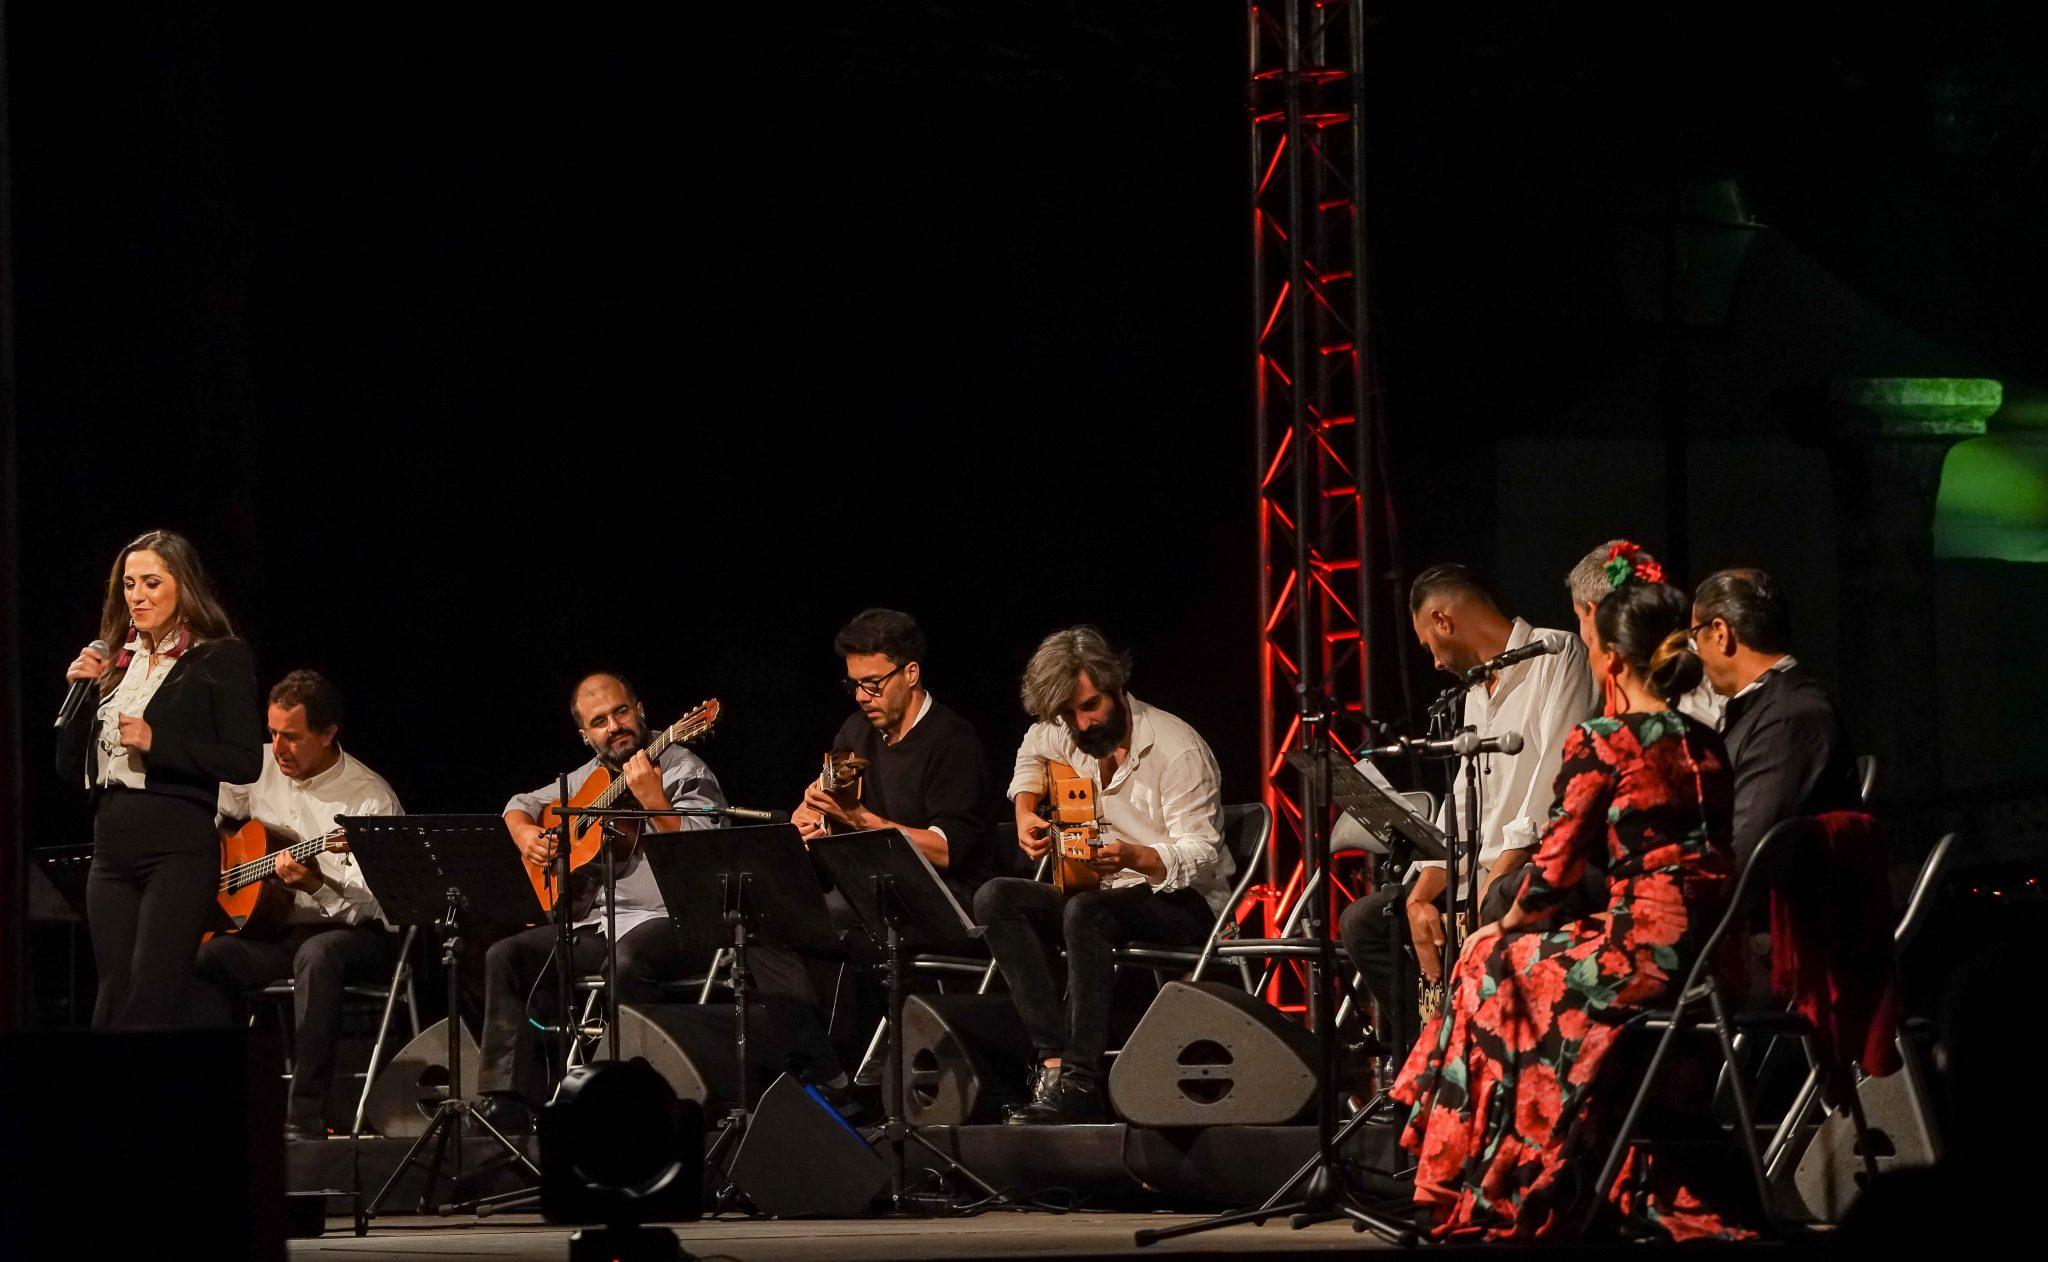 Ana Sofia Varela a cantar acompanhada em palco por vários músicos e por bailarinos de flamenco